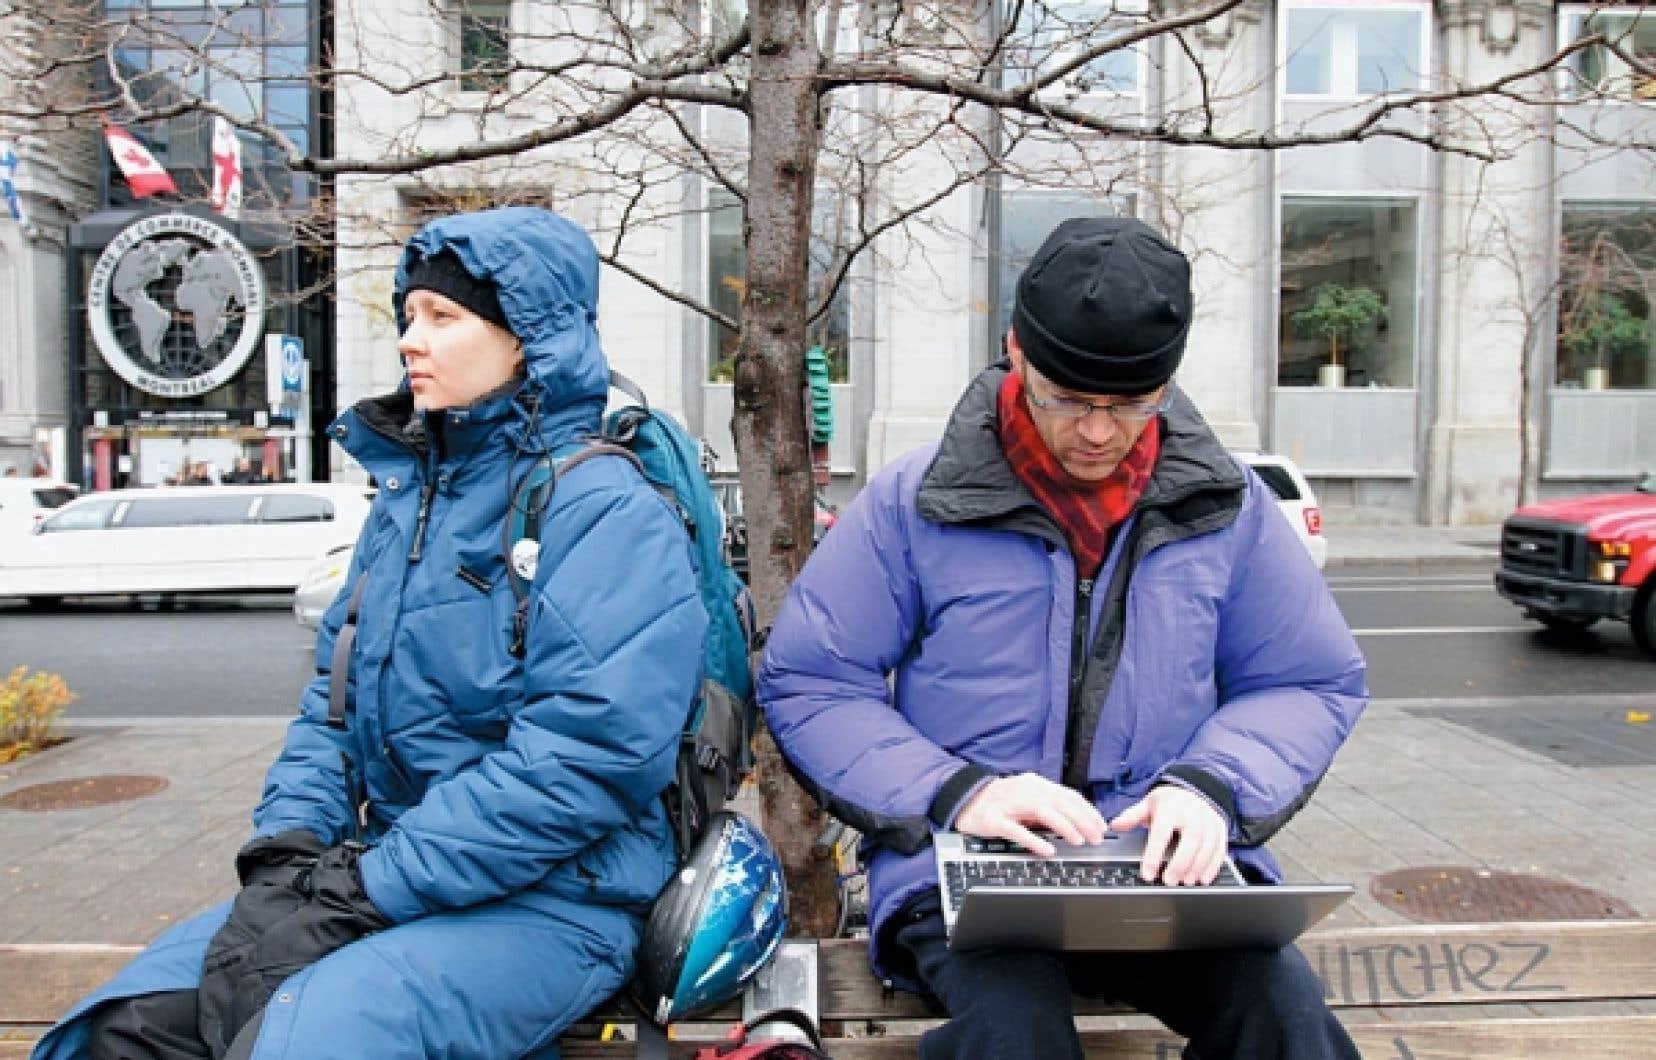 Dans sa forme actuelle, le projet de loi C-30 permettrait aux autorités de récolter des informations sur des citoyens auprèsdesfournisseurs d'accès à Internet.